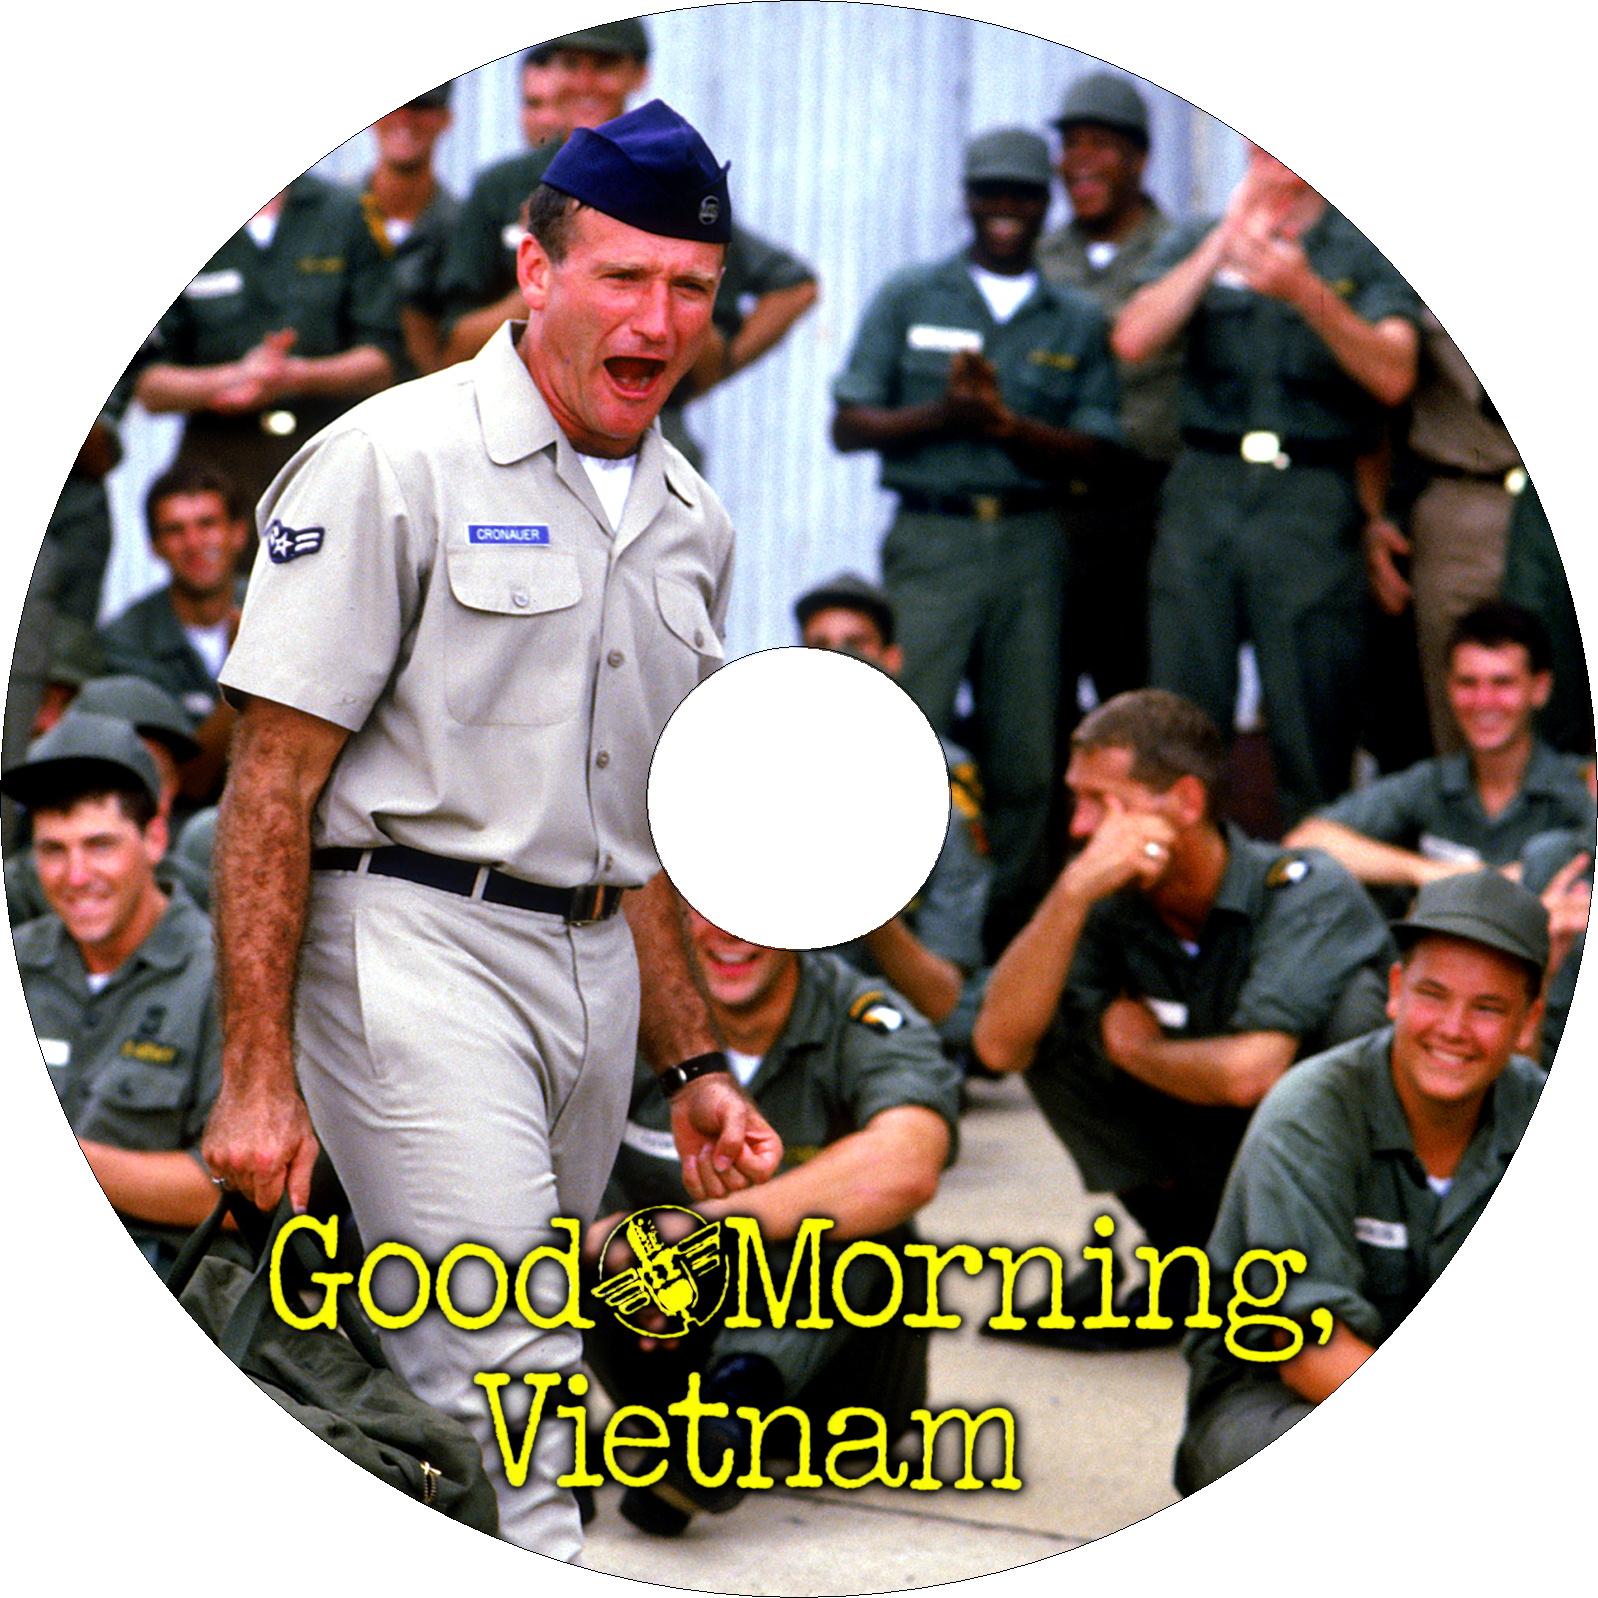 グッドモーニング, ベトナム ラベル